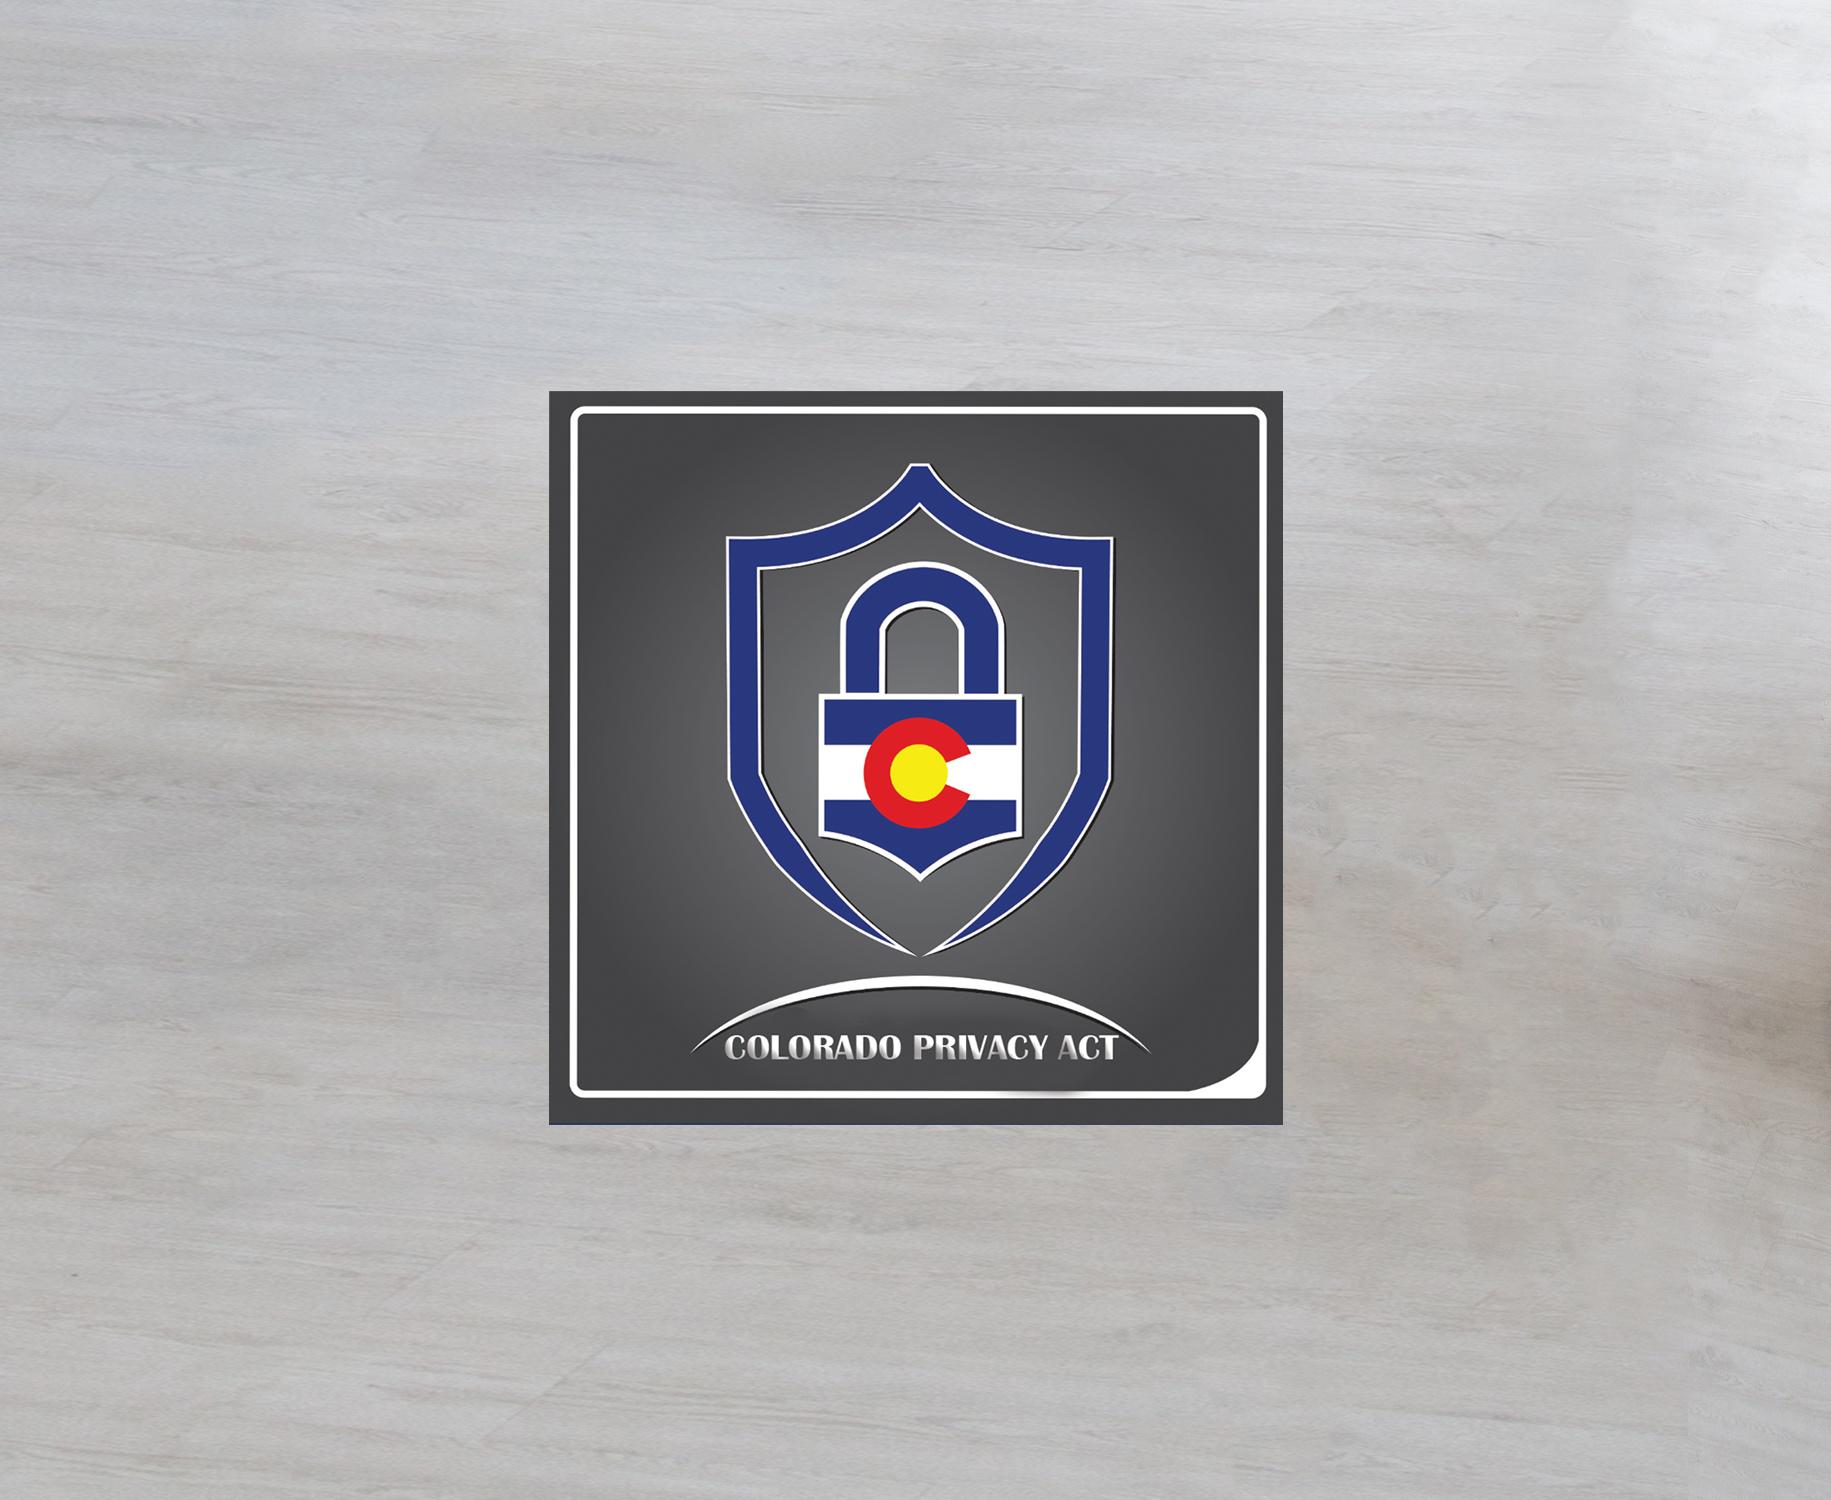 colorado privacy act